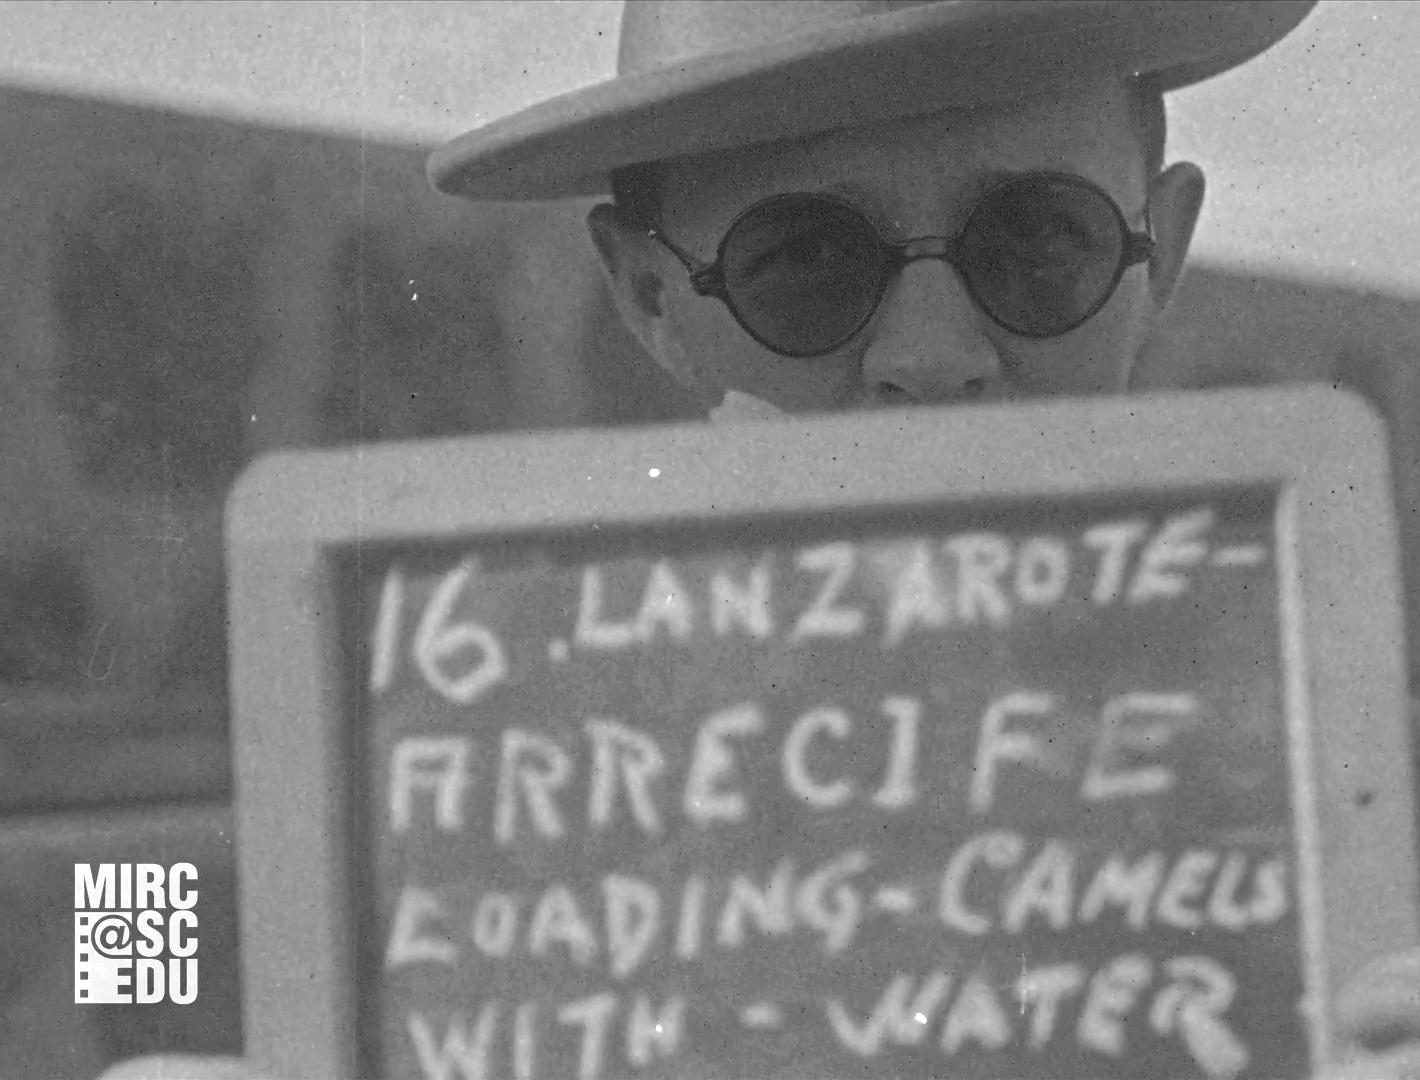 Filmoteca proyecta las imágenes profesionales más antiguas que se conocen de Lanzarote, filmadas en 1925 por la Fox